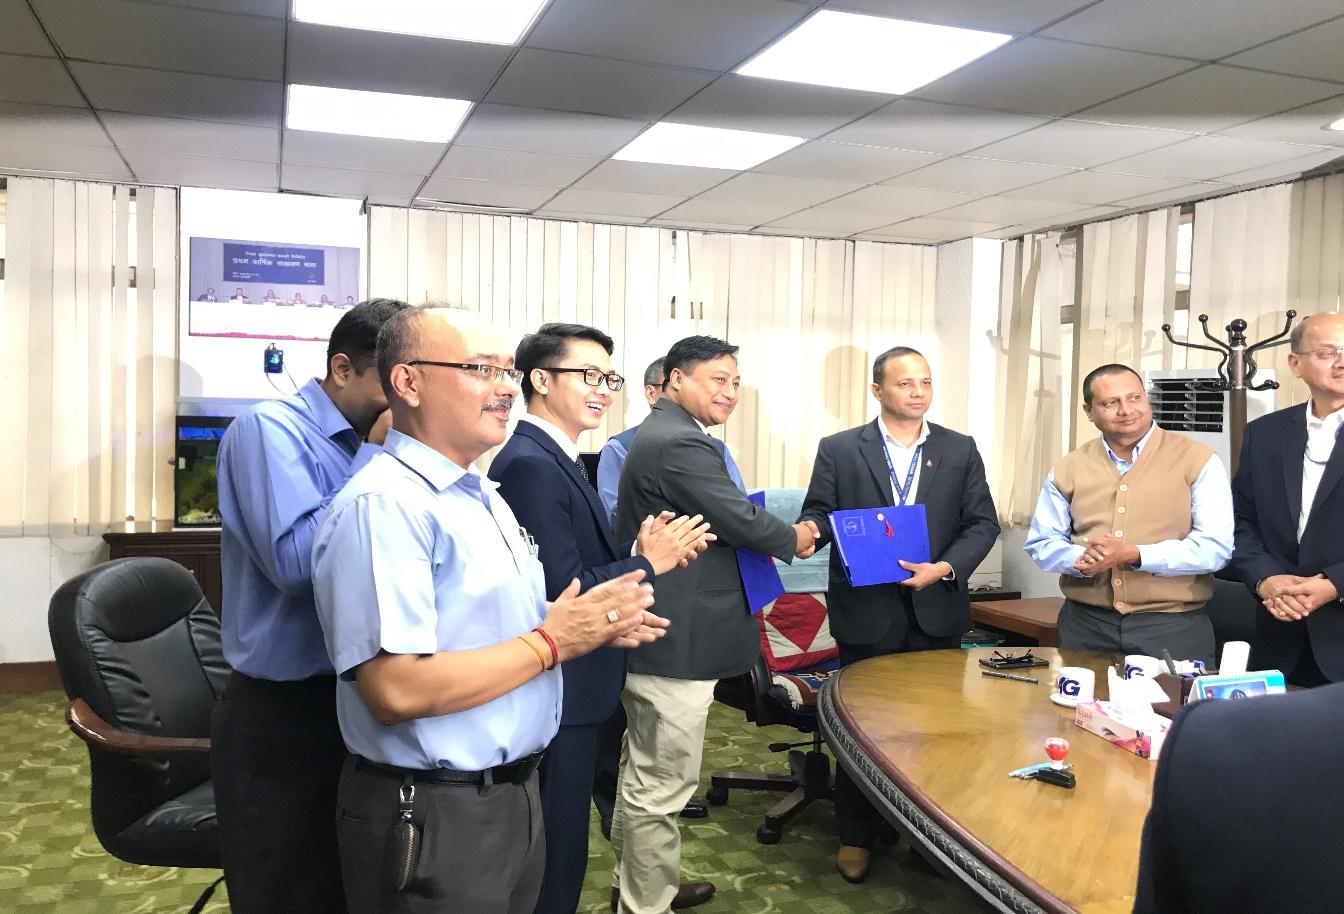 Nepal Telecom Ông Dilliram Adhikari trao hợp đồng cho đại diện liên doanh nhàthầuVNPT Technology - Kalash